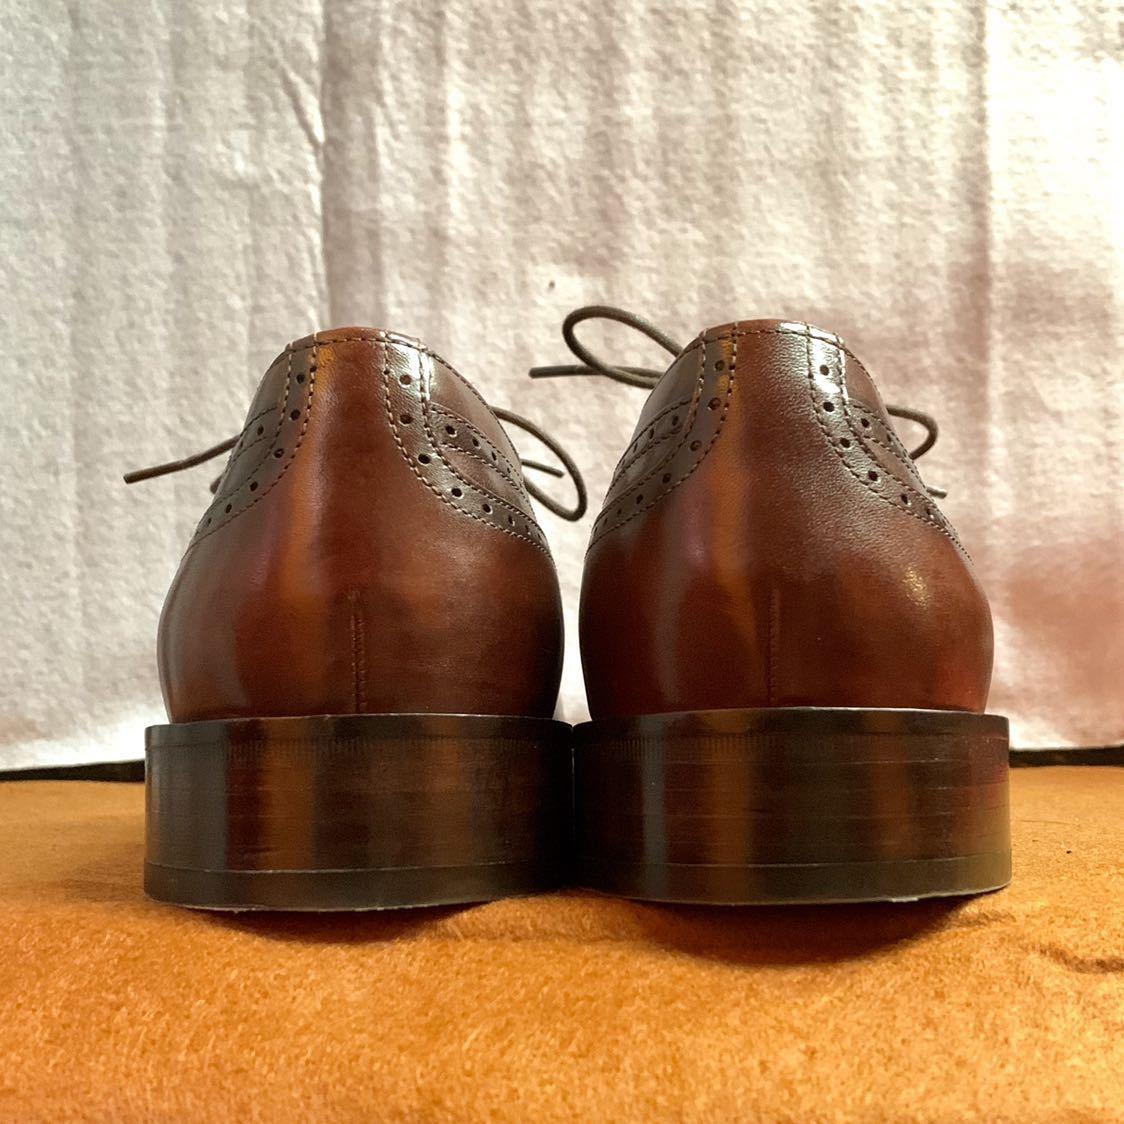 【未使用品】Johnston&Murphy ジョンストン&マーフィー ウイングチップ US 9 M 27cm相応 赤茶 革靴 アメリカ靴_画像4